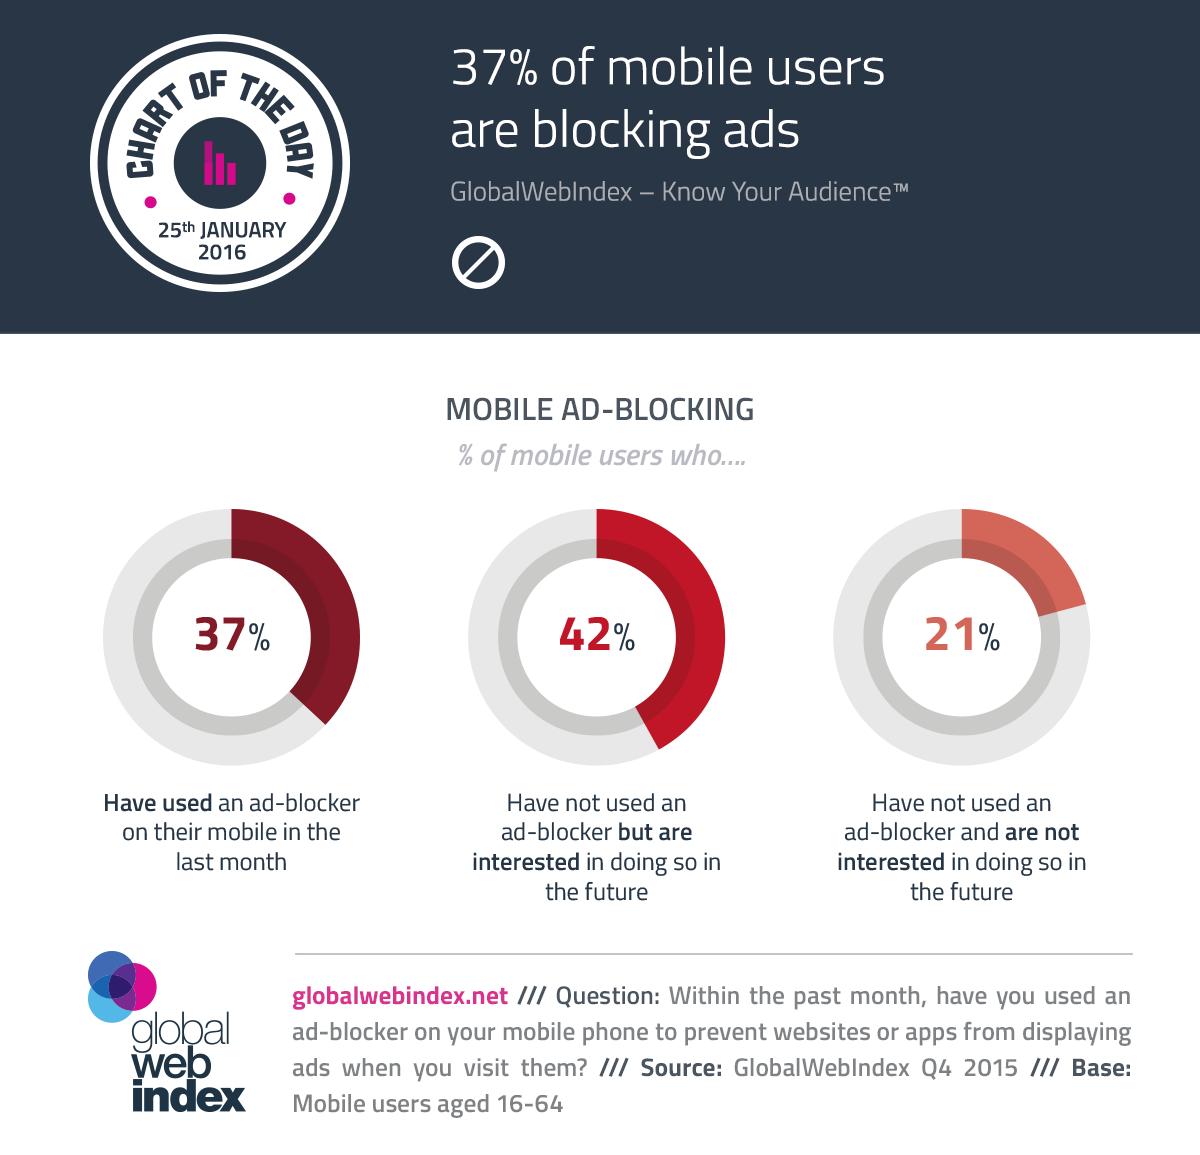 37% de los usuarios móviles están bloqueando los anuncios